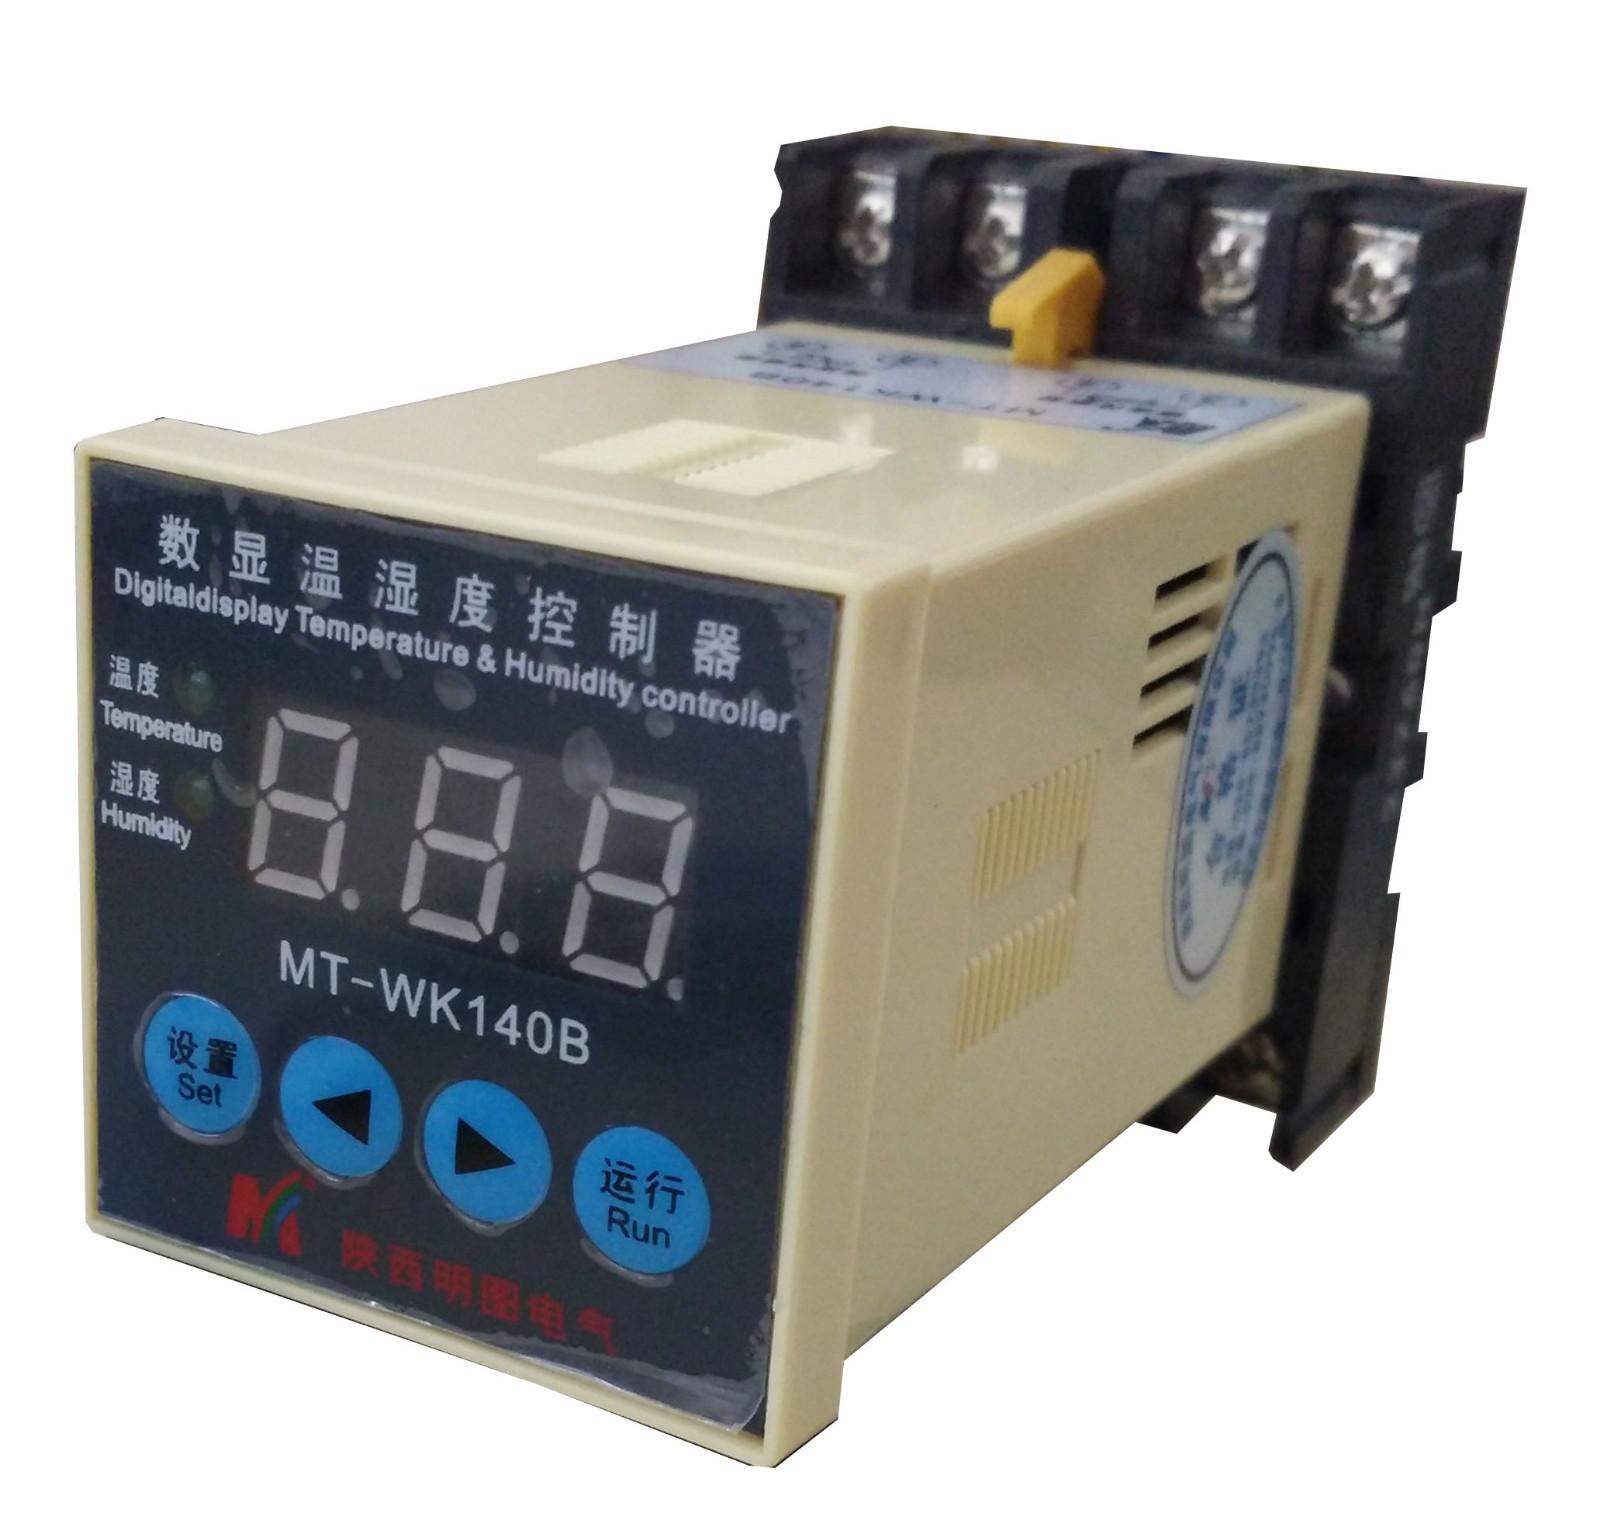 数显温控器MT-WK140B.jpg